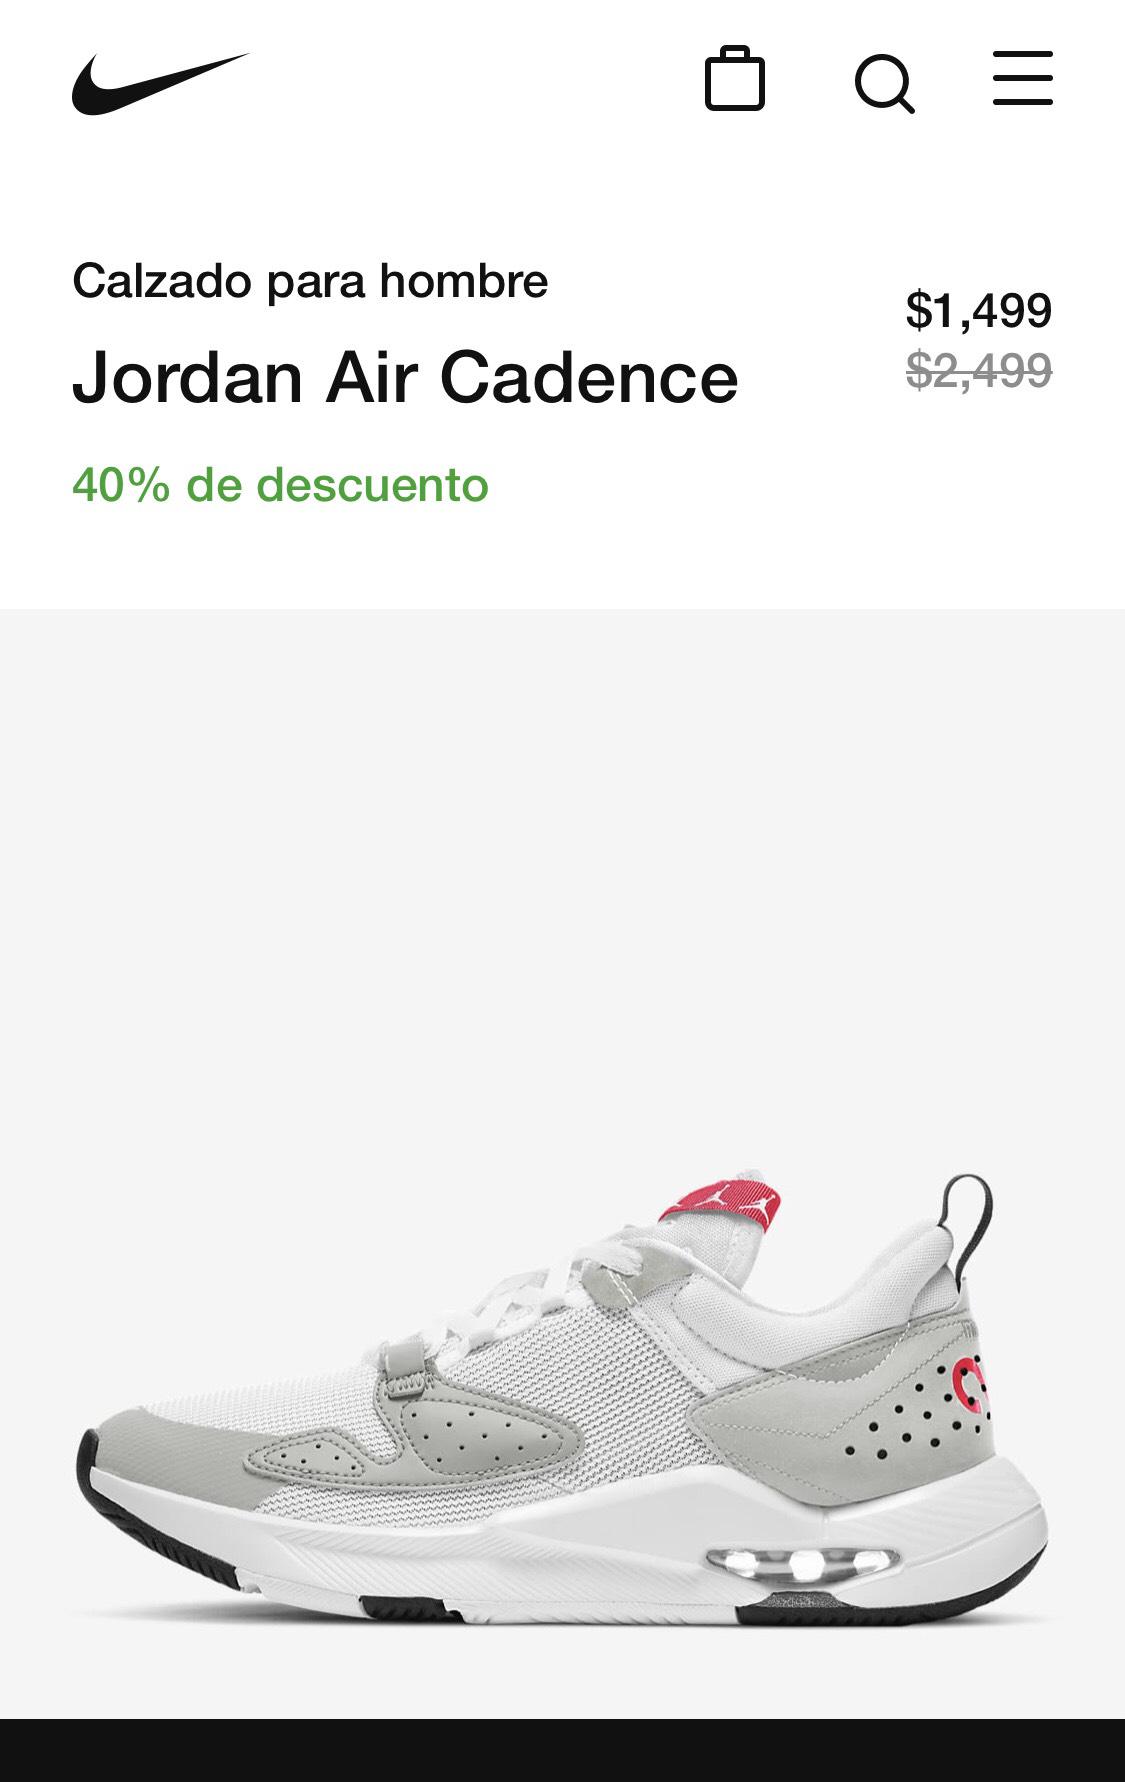 Nike: Jordan Air Cadence